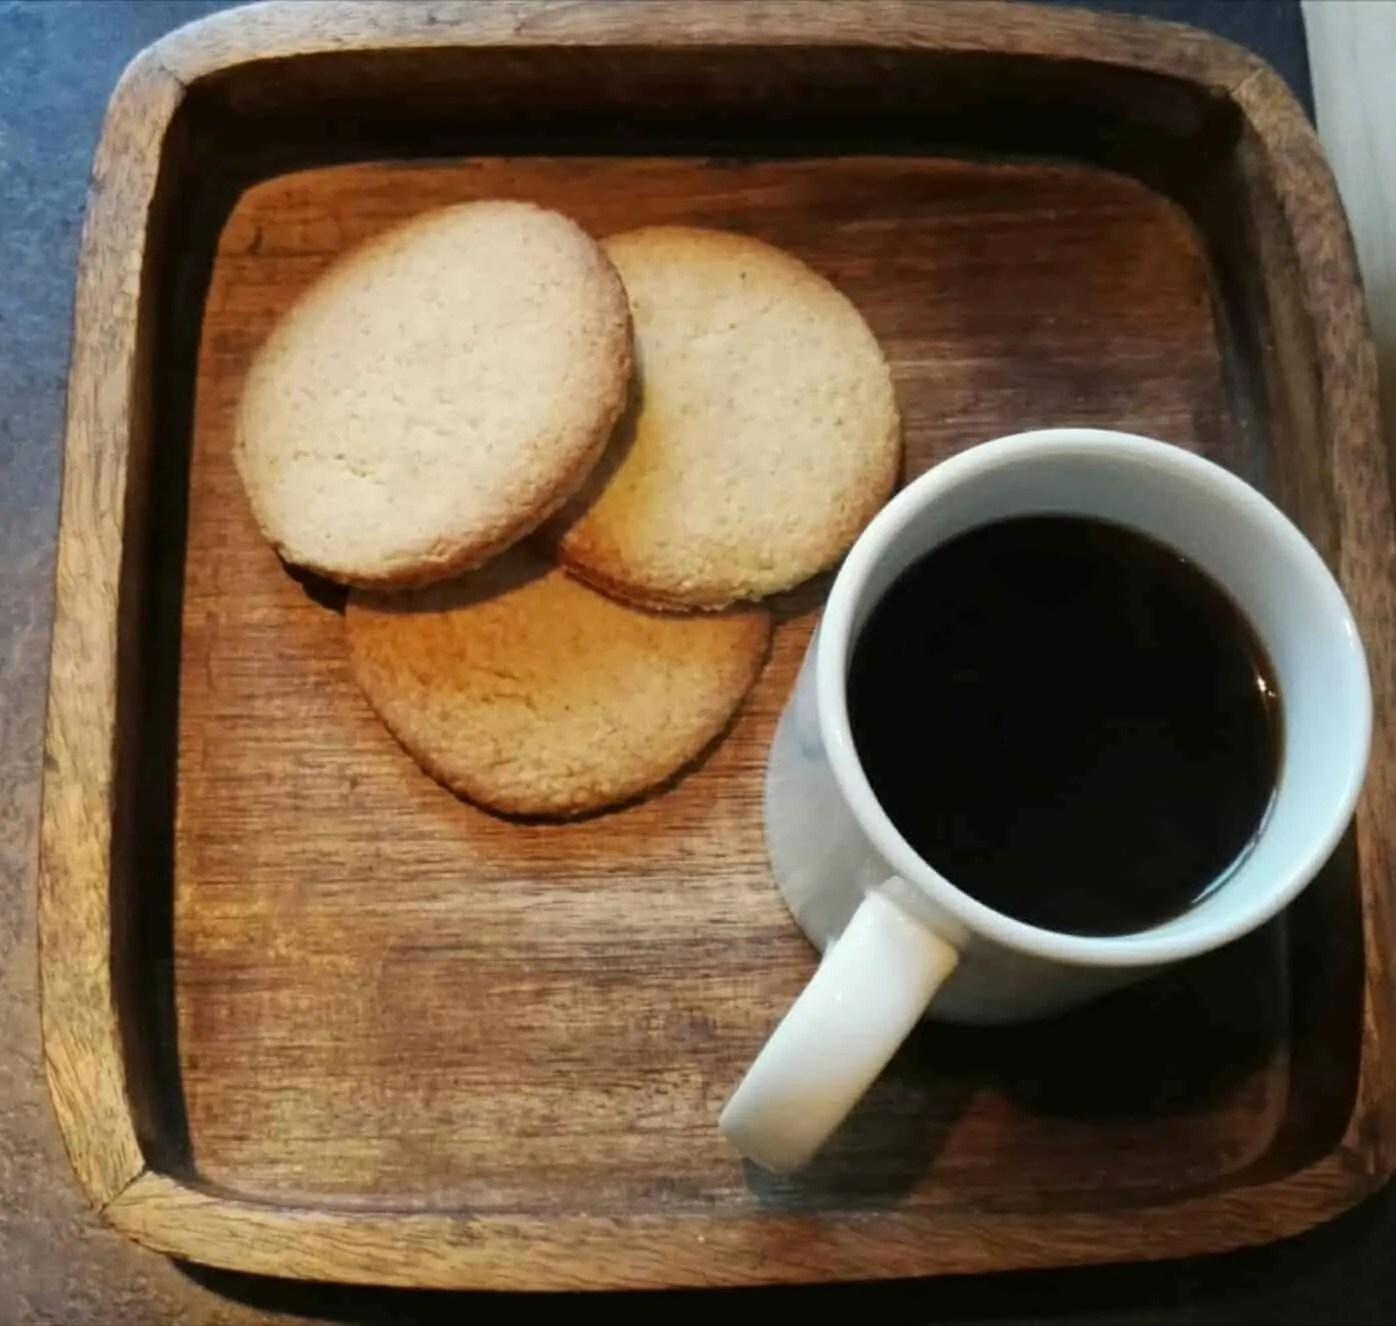 Masala Biscuit Recipe (Garam Masala Blend)